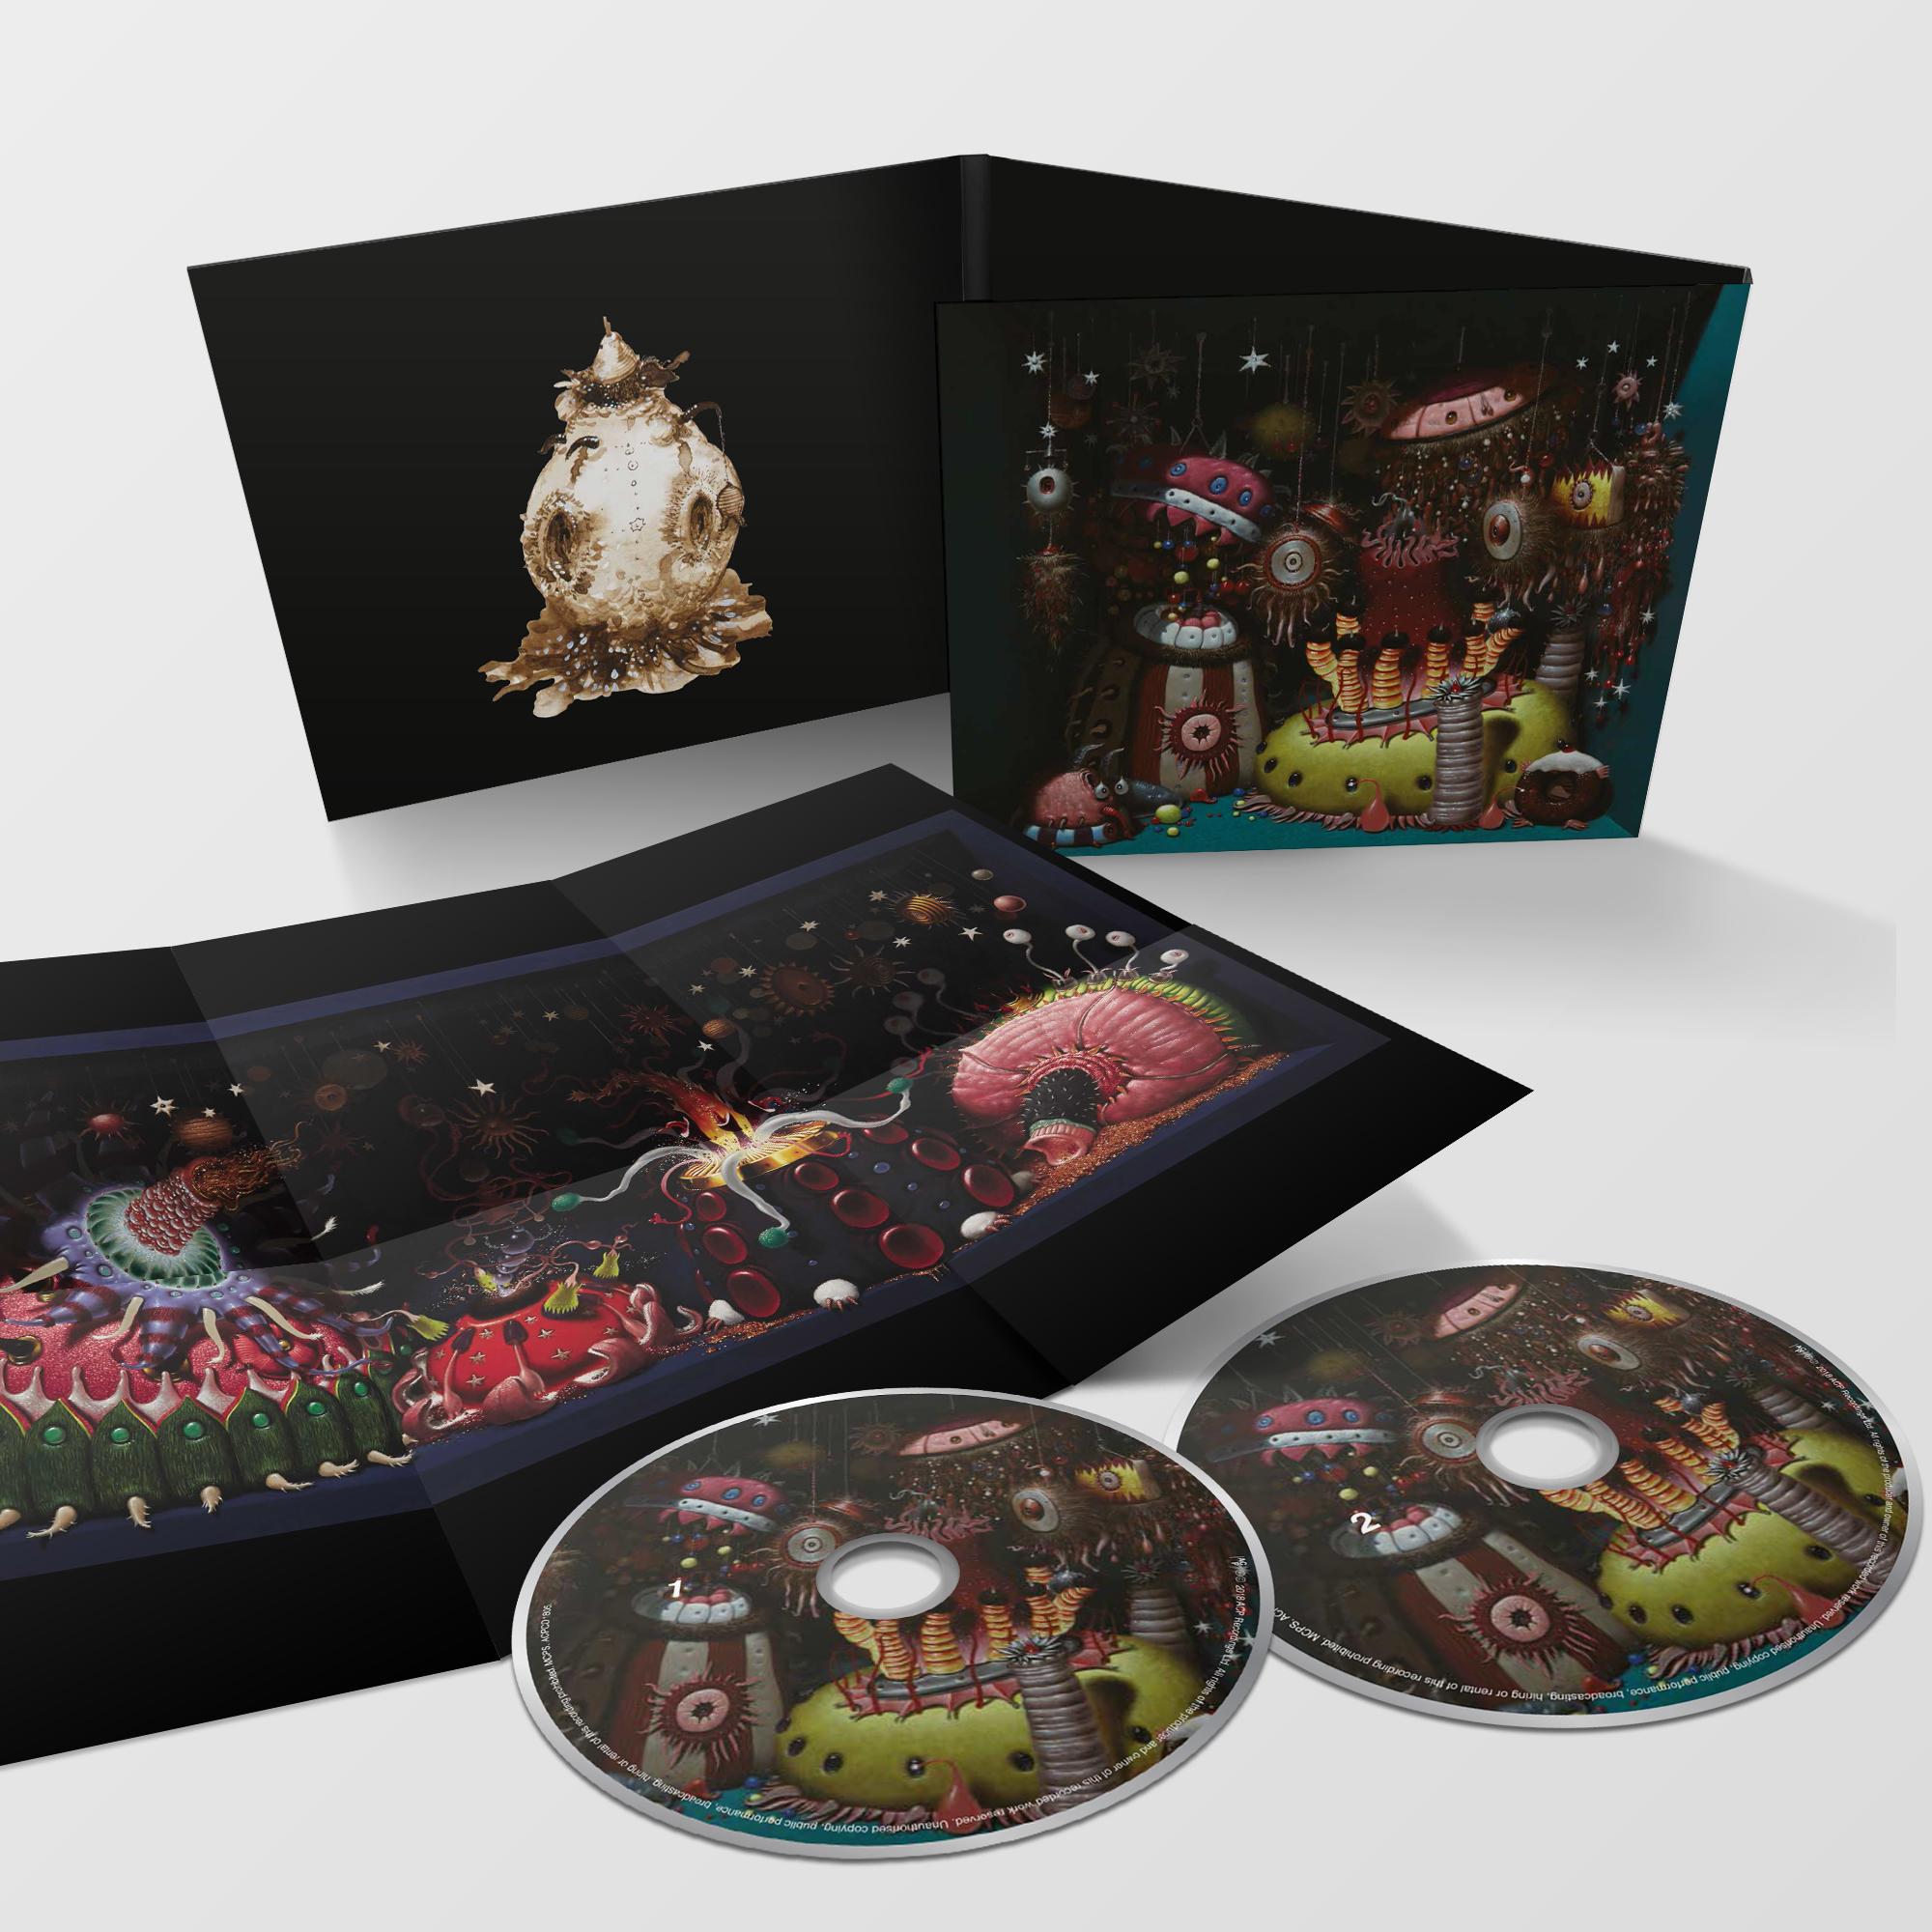 Monsters Exist (Deluxe 2CD) - Orbital